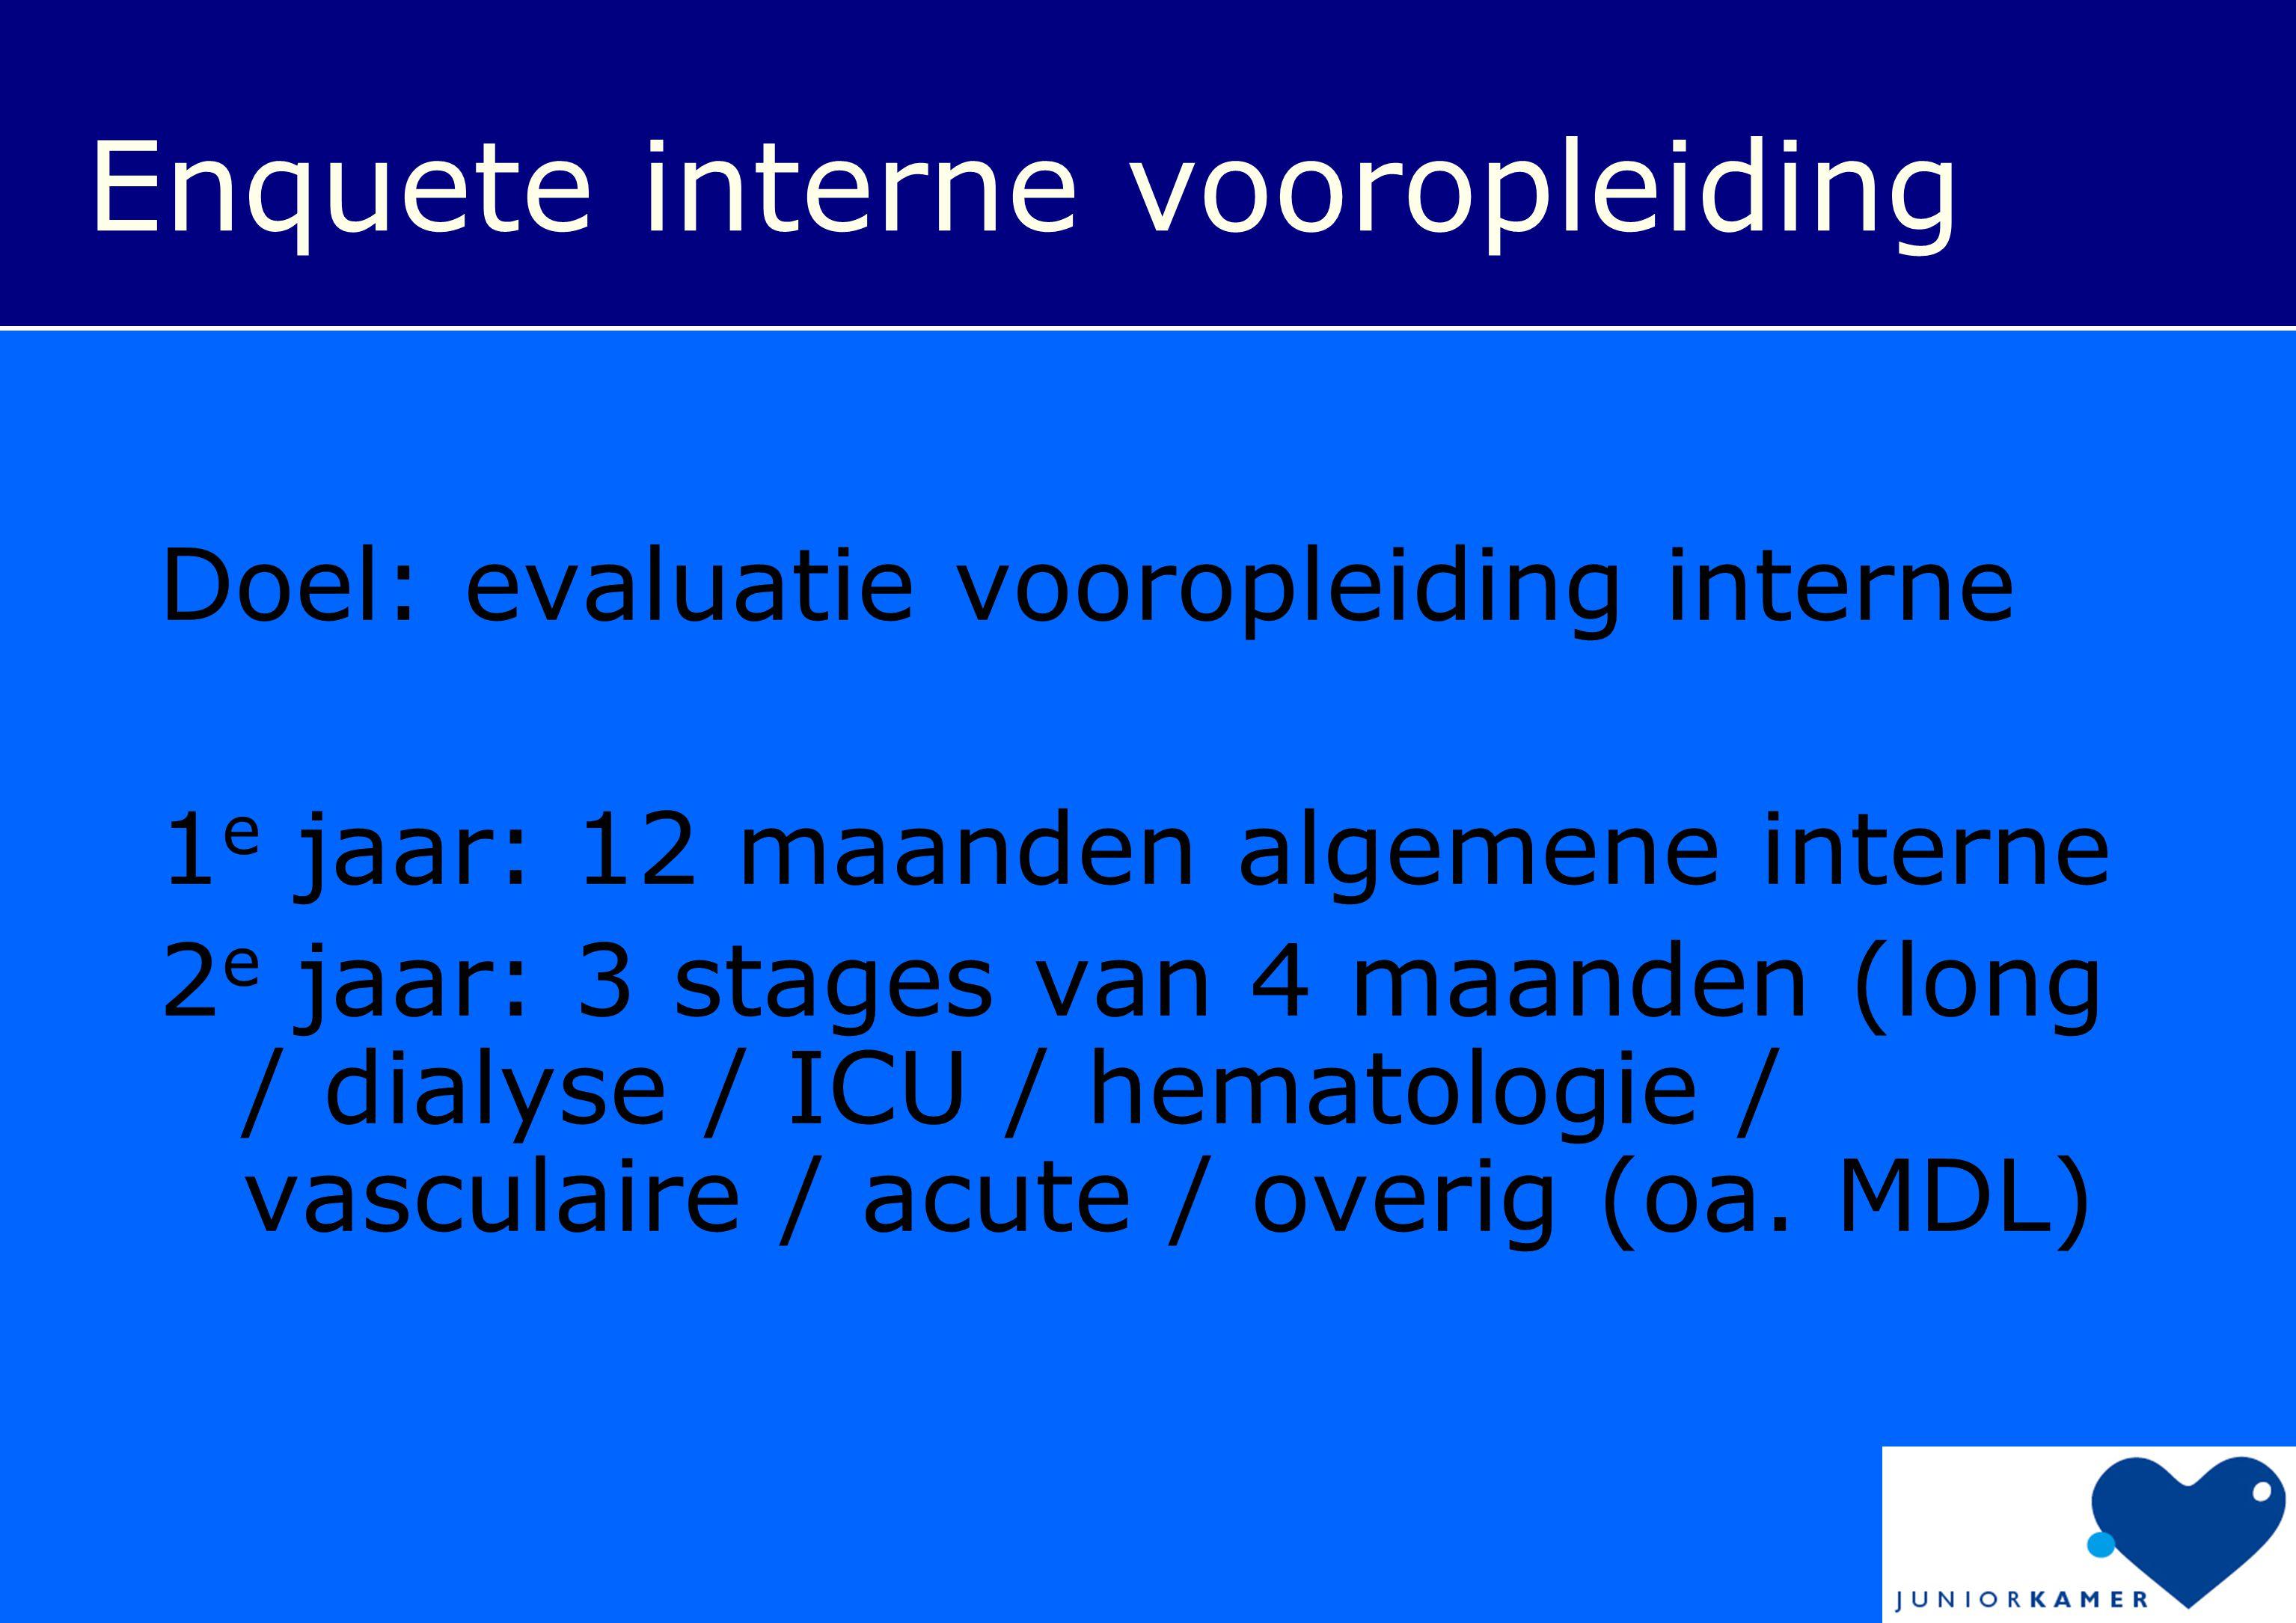 Doel: evaluatie vooropleiding interne 1 e jaar: 12 maanden algemene interne 2 e jaar: 3 stages van 4 maanden (long / dialyse / ICU / hematologie / vasculaire / acute / overig (oa.